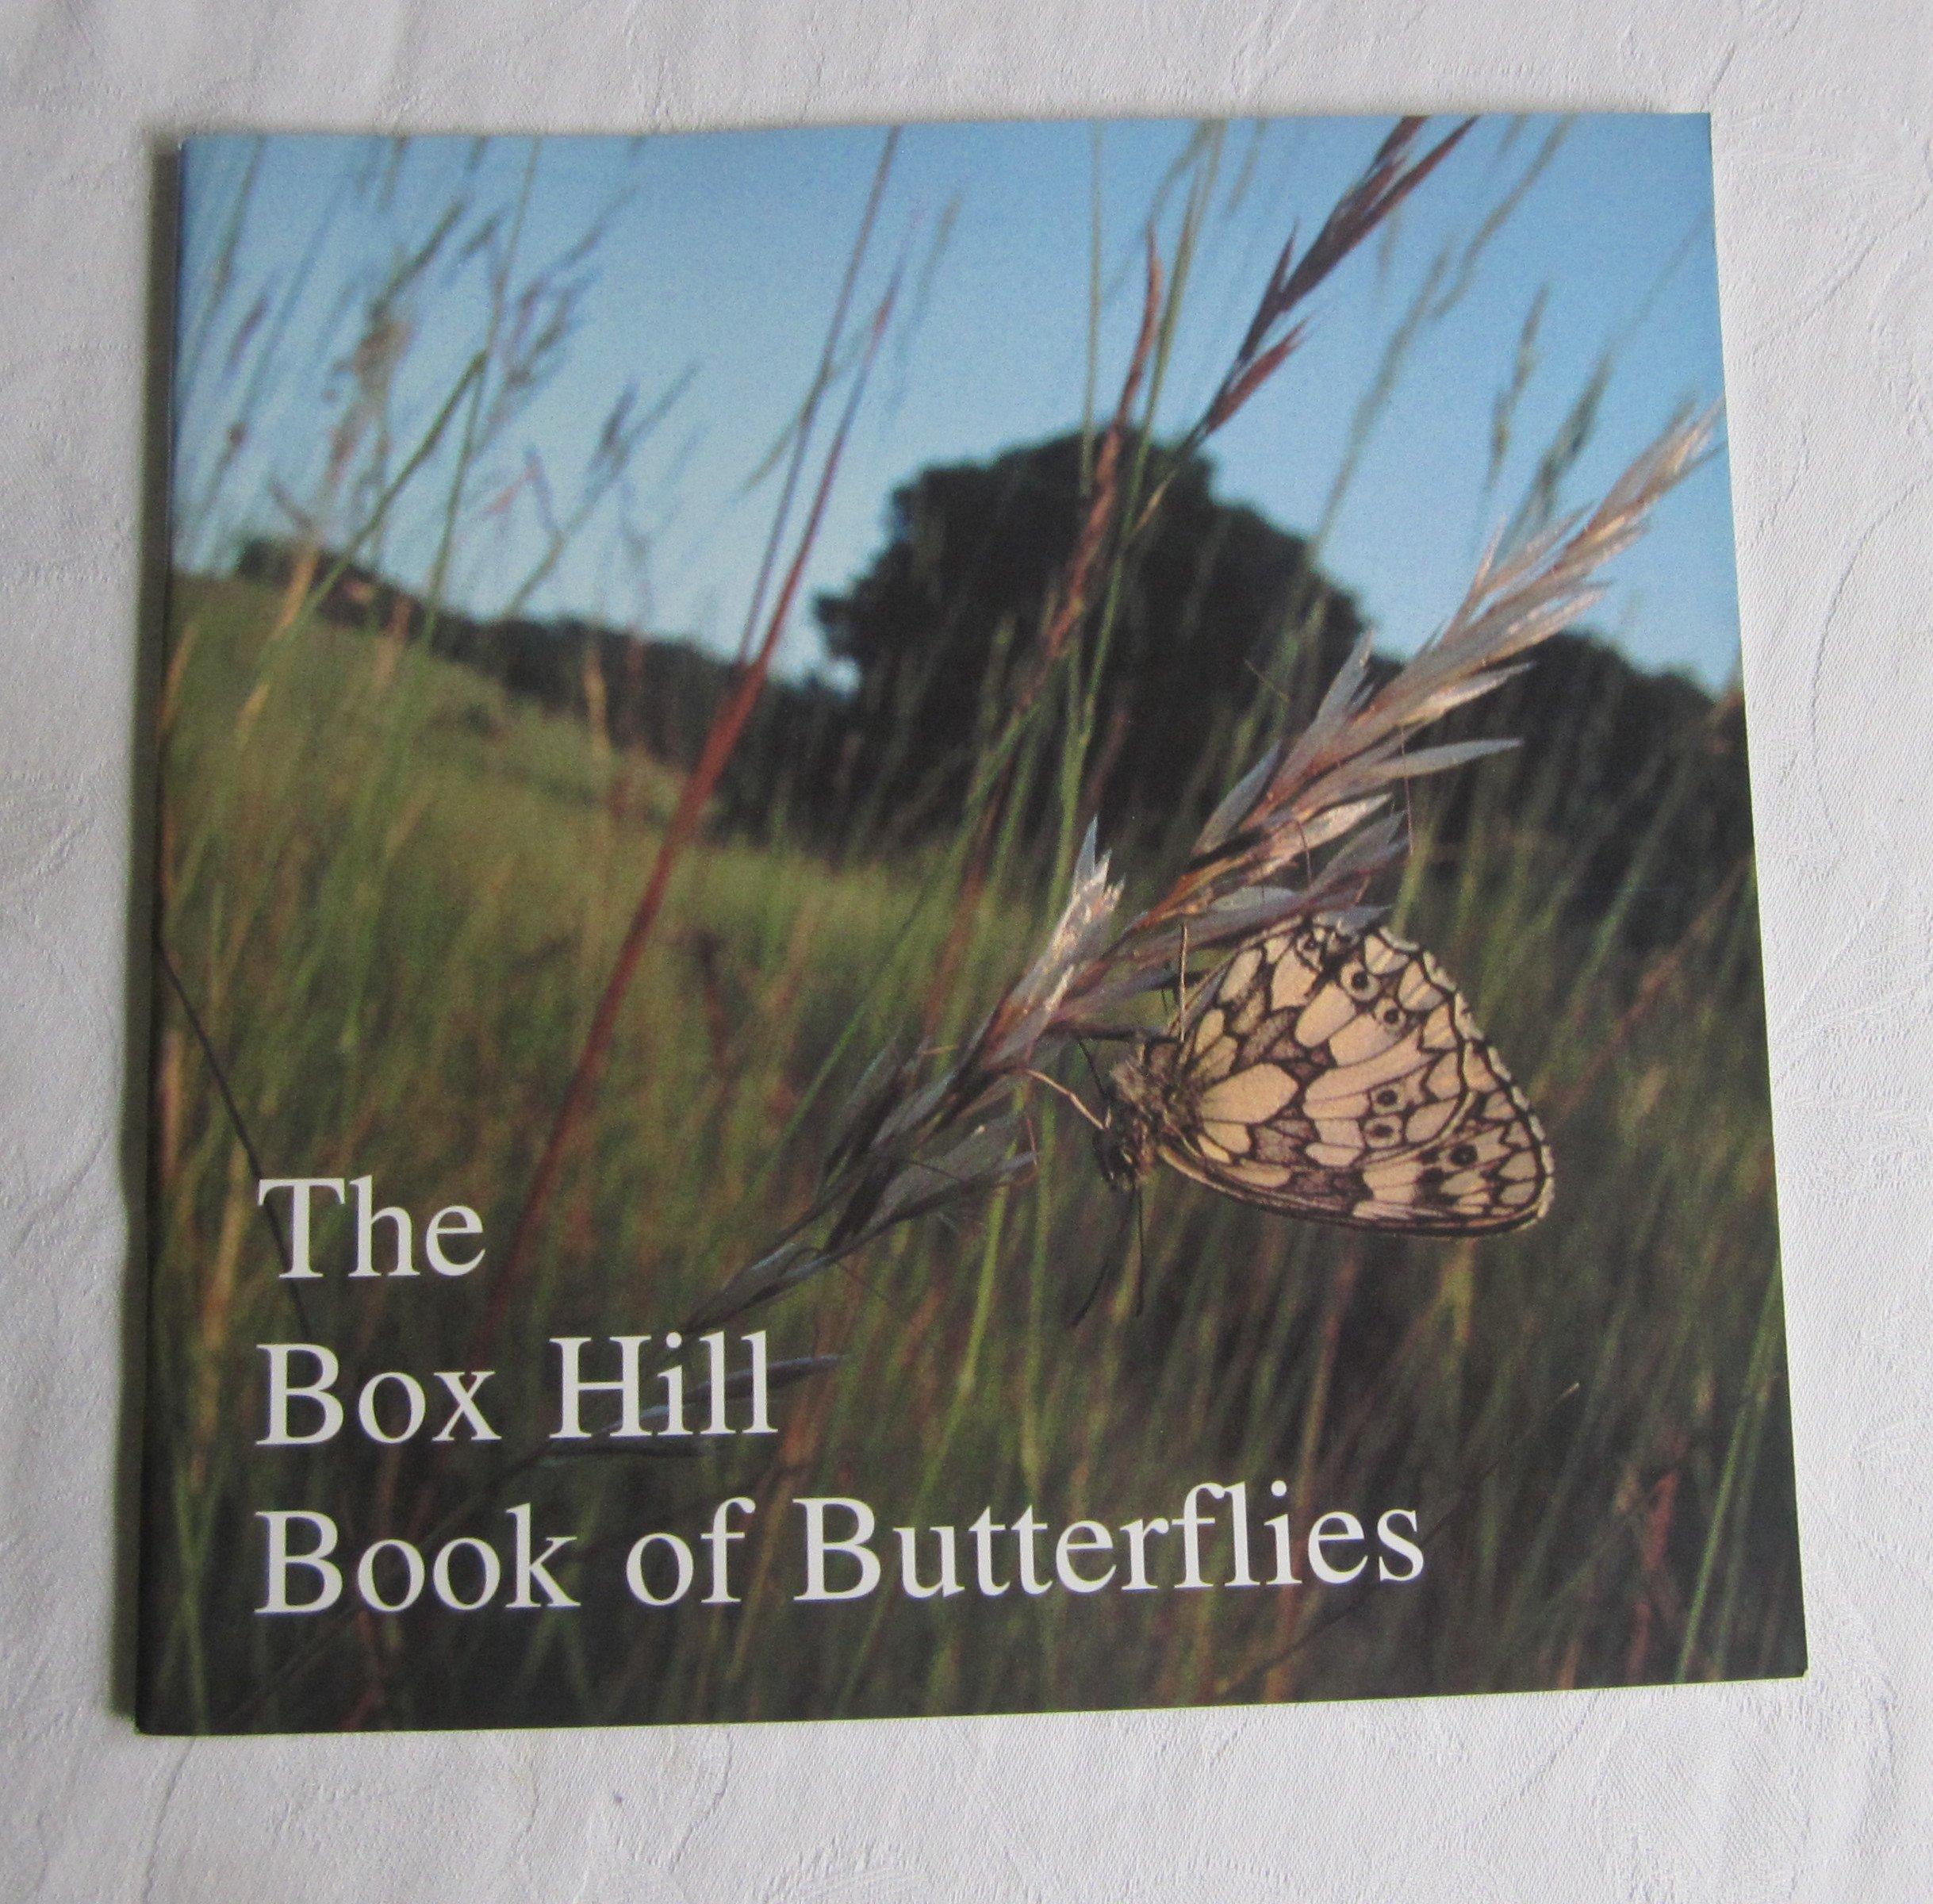 The Box Hill Book of Butterflies